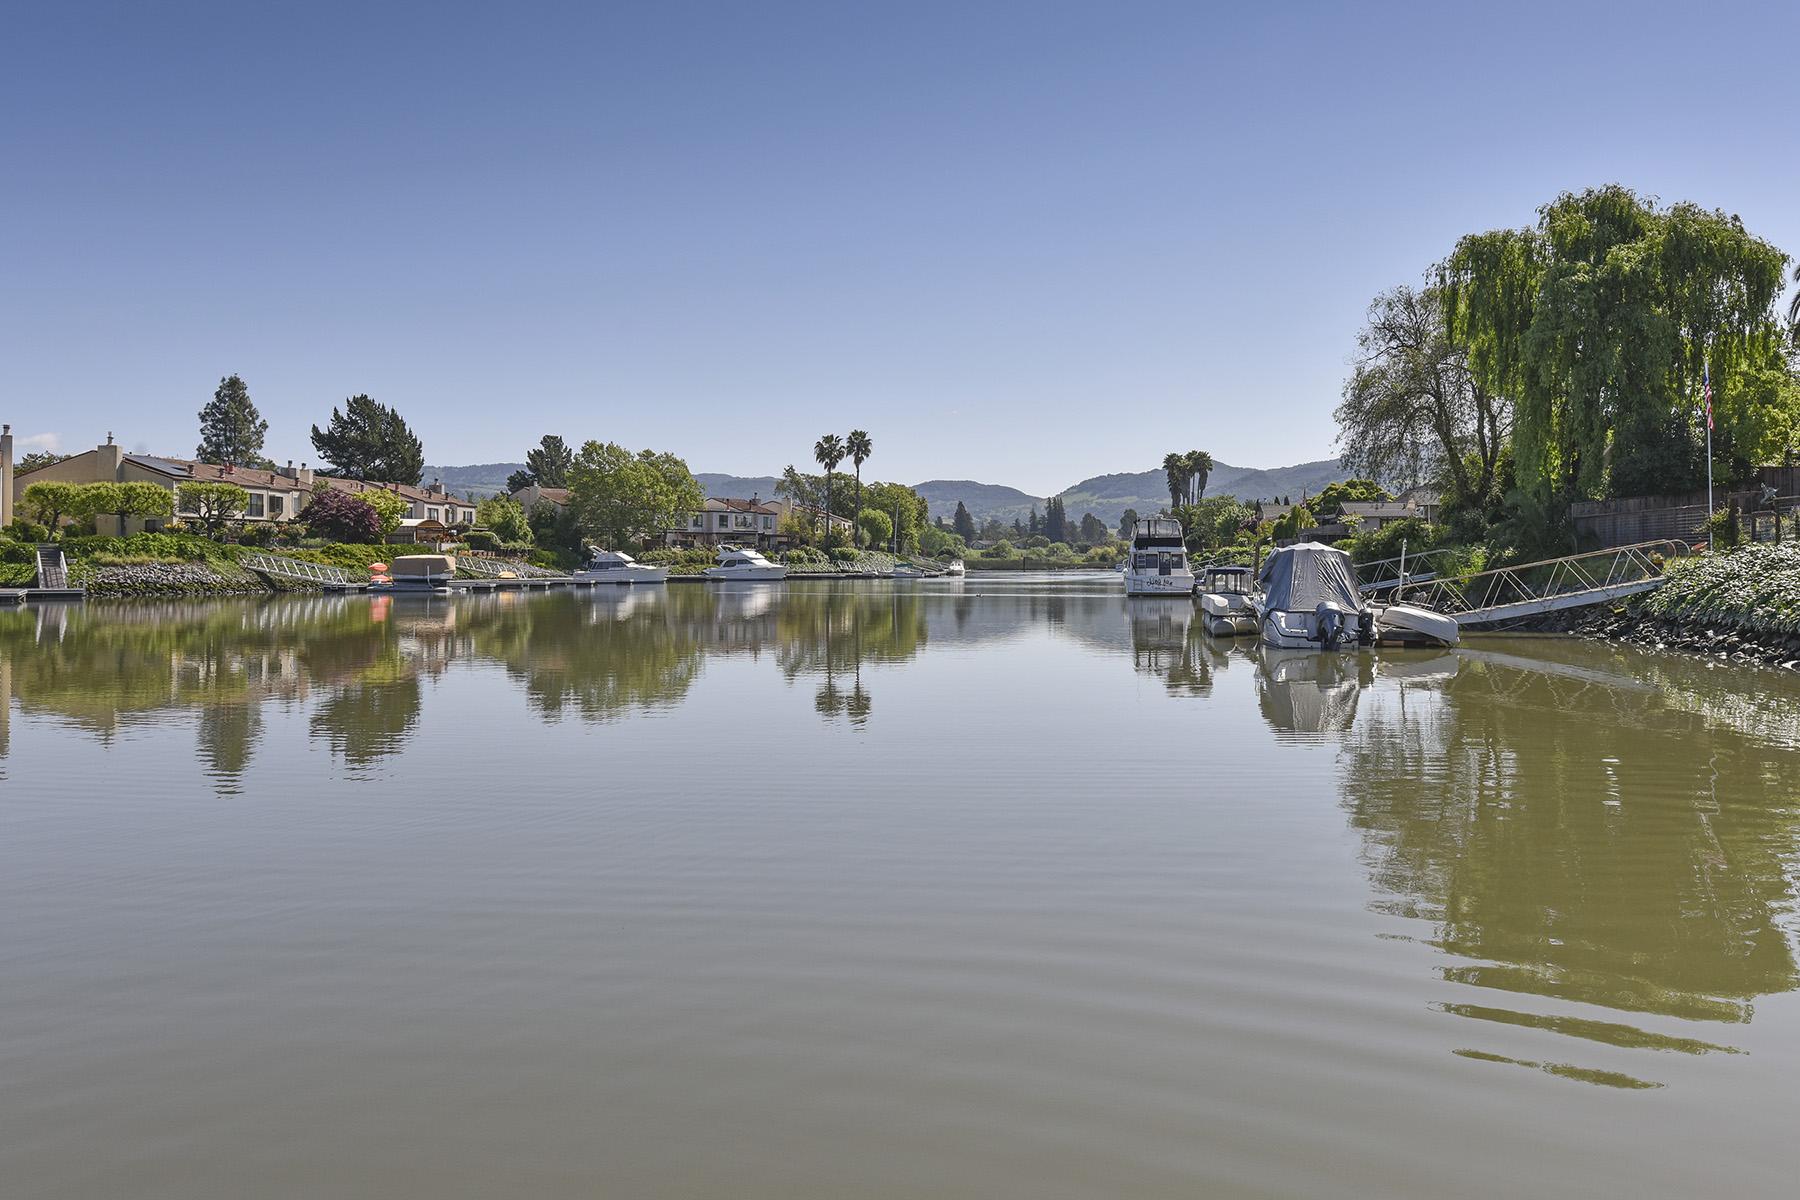 独户住宅 为 销售 在 1390 River Park Blvd, Napa, CA 94559 1390 River Park Blvd 纳帕, 加利福尼亚州, 94559 美国